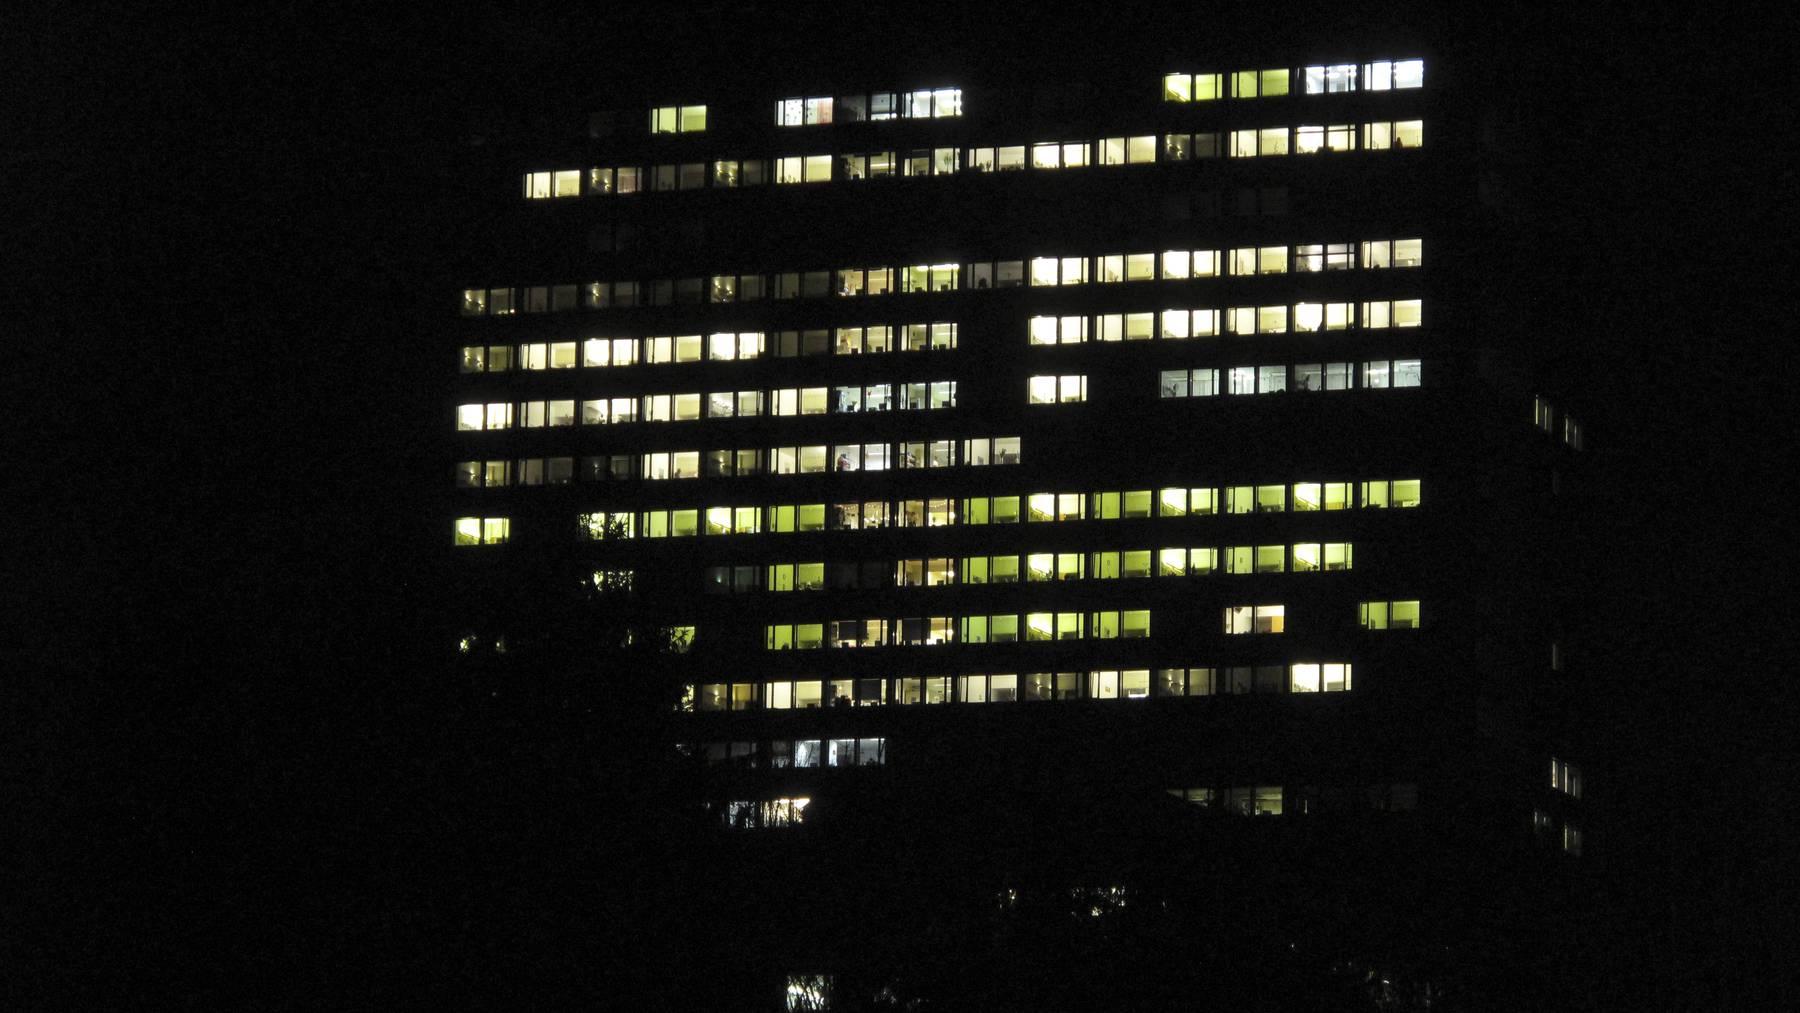 Luzerner Kantonsspital Luks in der Nacht